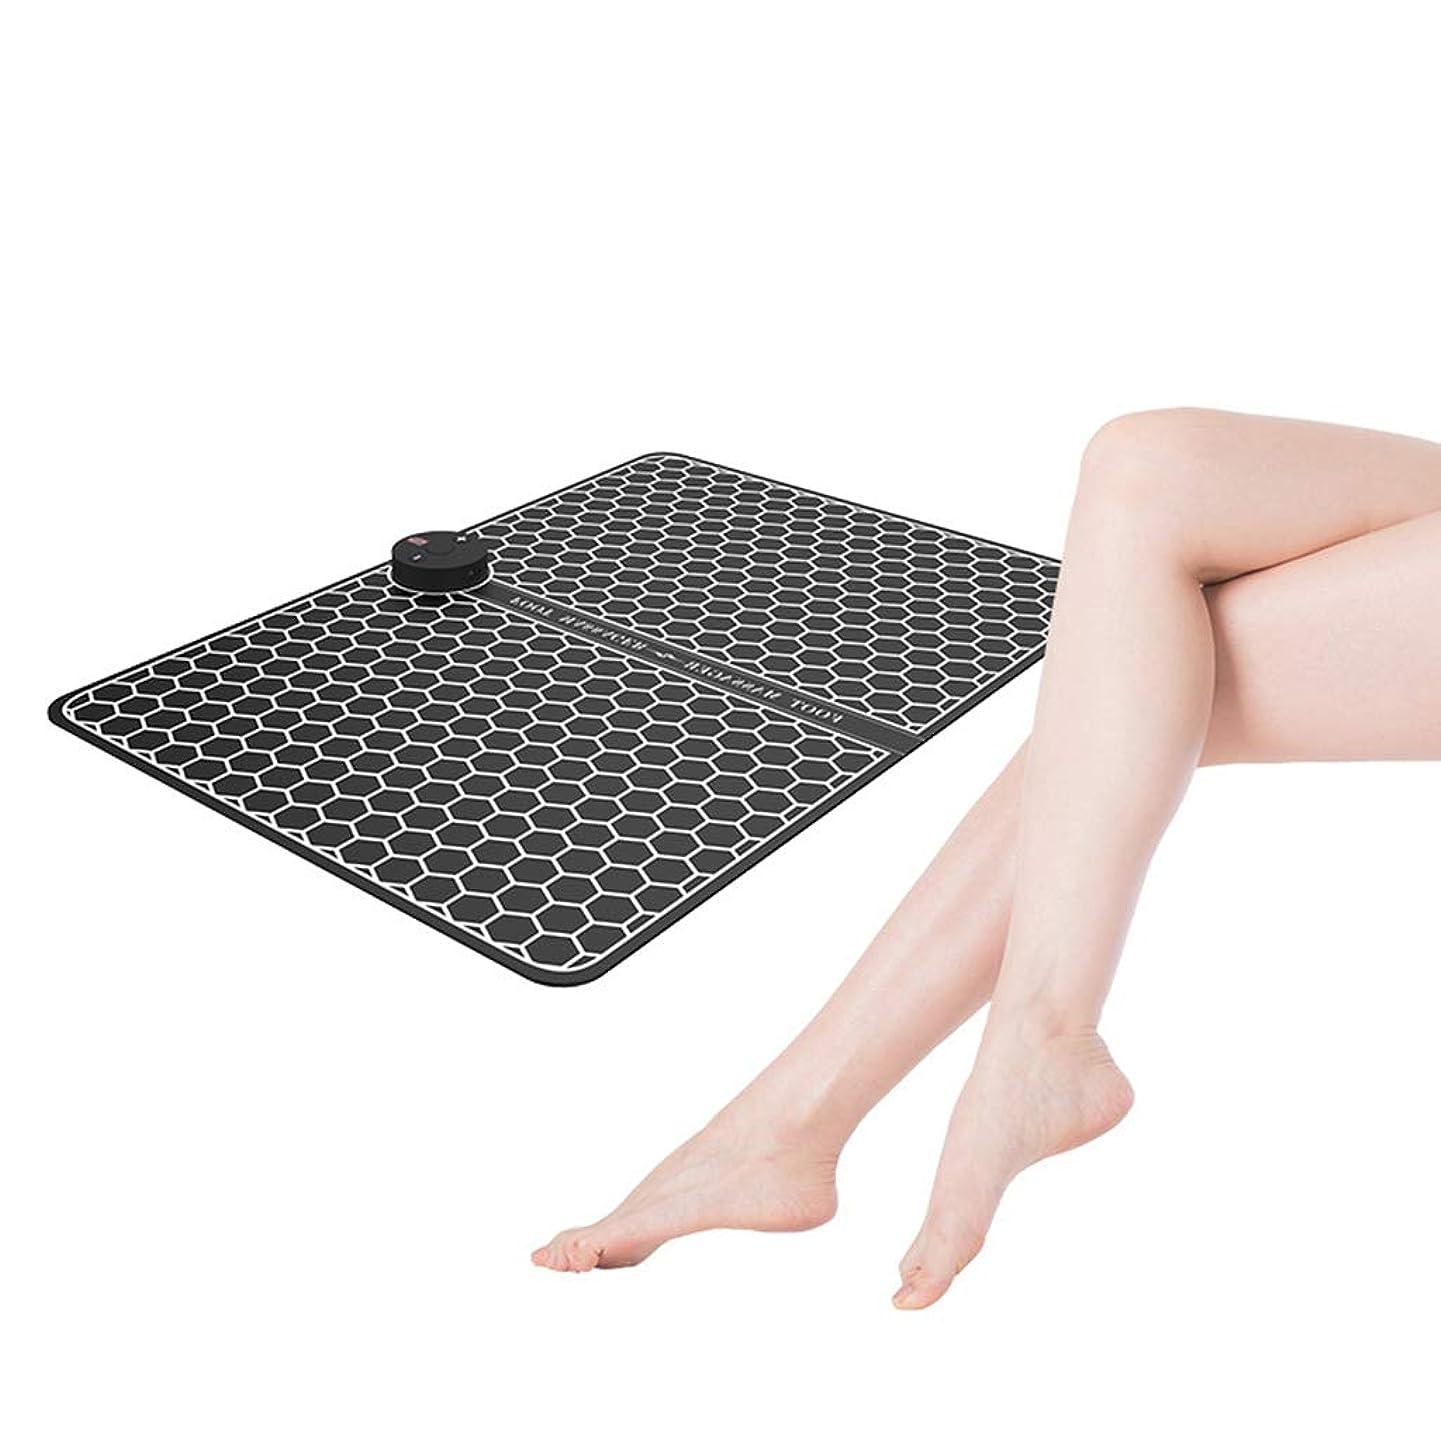 路面電車誤解オフセット理性的な理学療法の脈拍のマッサージャー、電気EMSの足のマッサージャーのABS理学療法の生き返らせるペディキュア10の足のバイブレーター無線フィート筋肉刺激物男女兼用